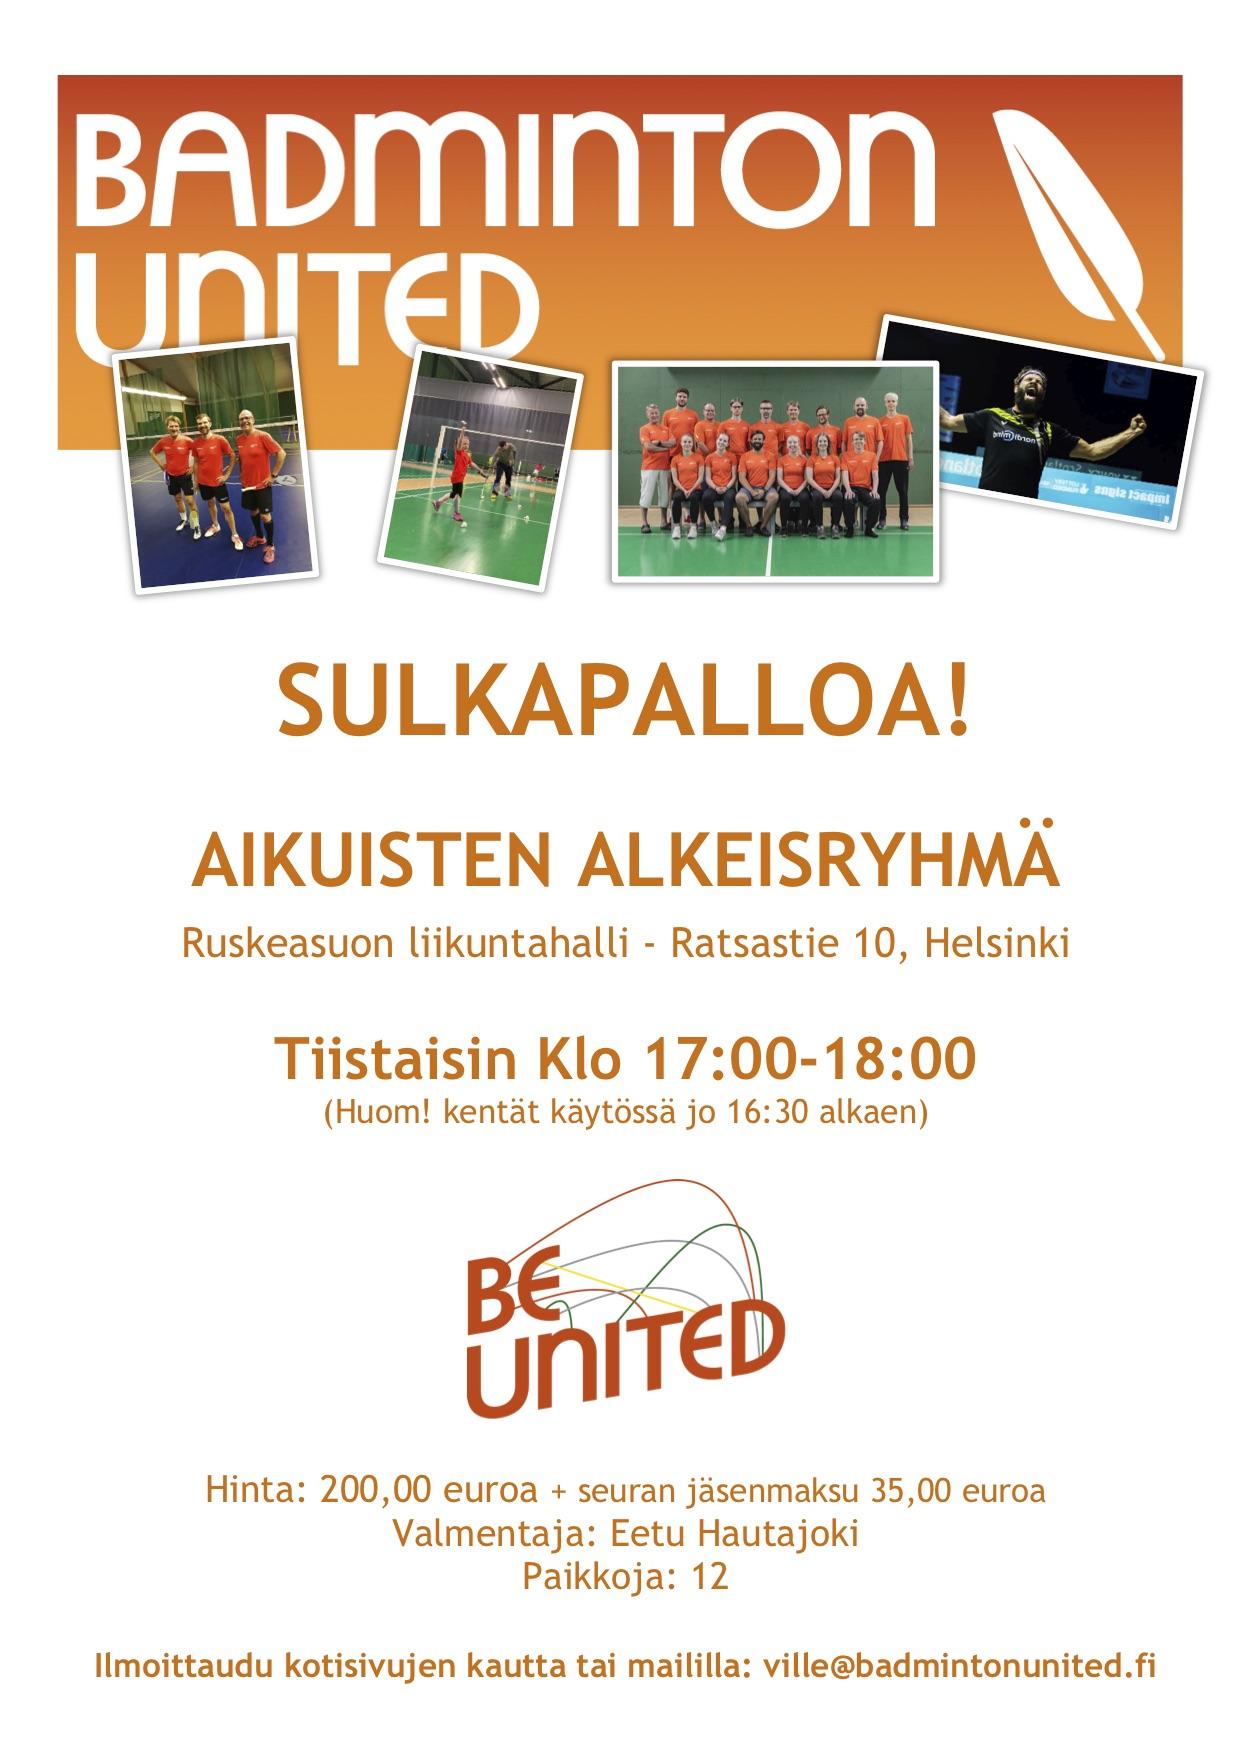 Lisäsimme uuden aikuisten alkeisryhmän Ruskeasuolle (Helsinki)!! Sulkapalloa Helsingissä.